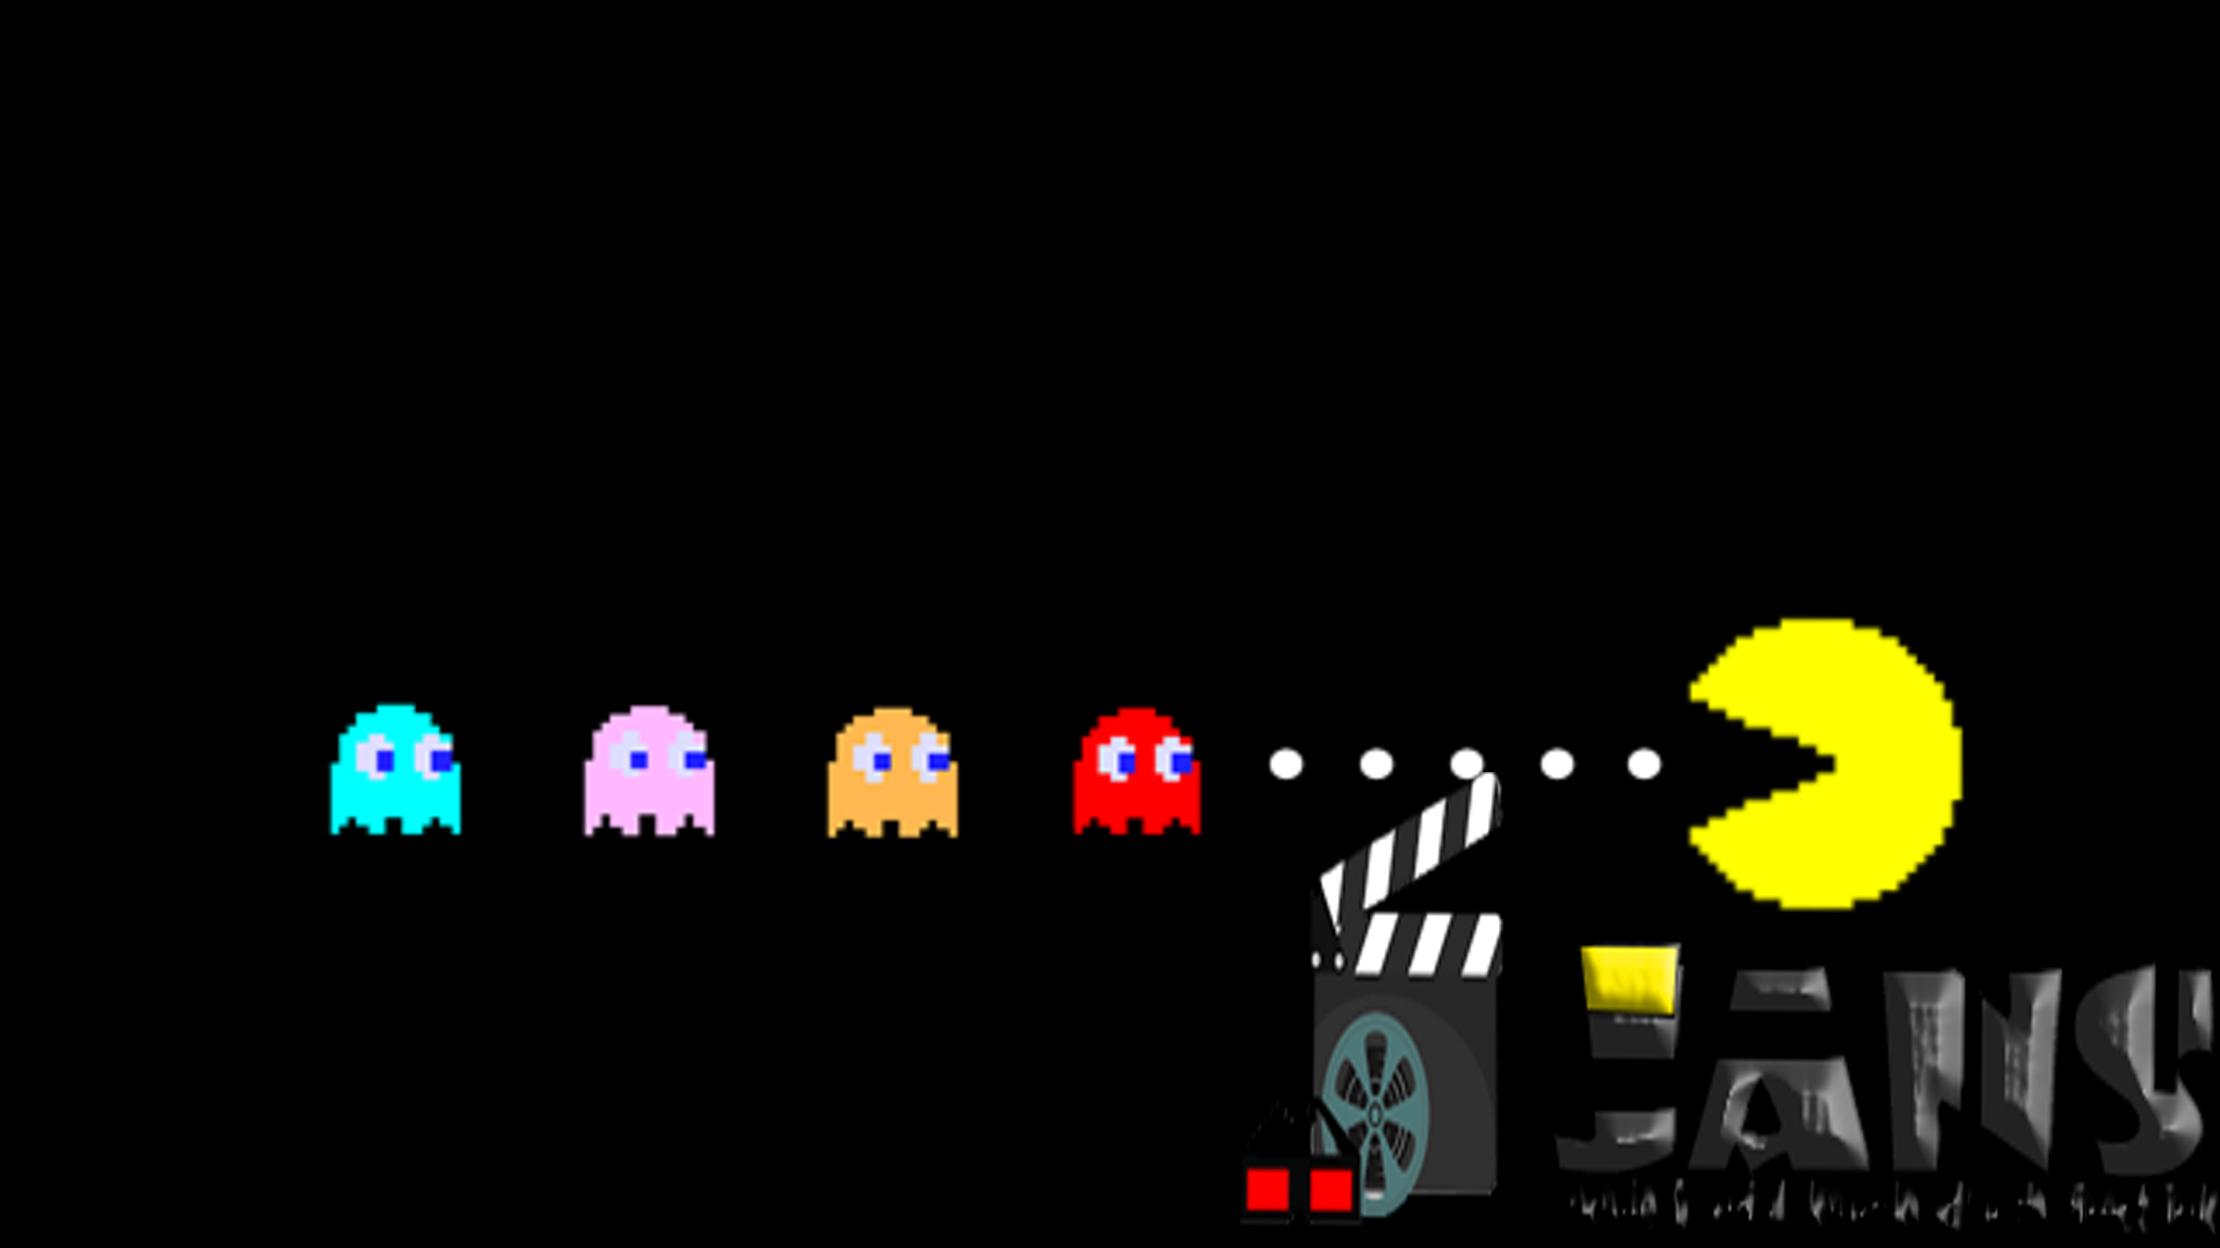 دانلود بازی pac man برای pc